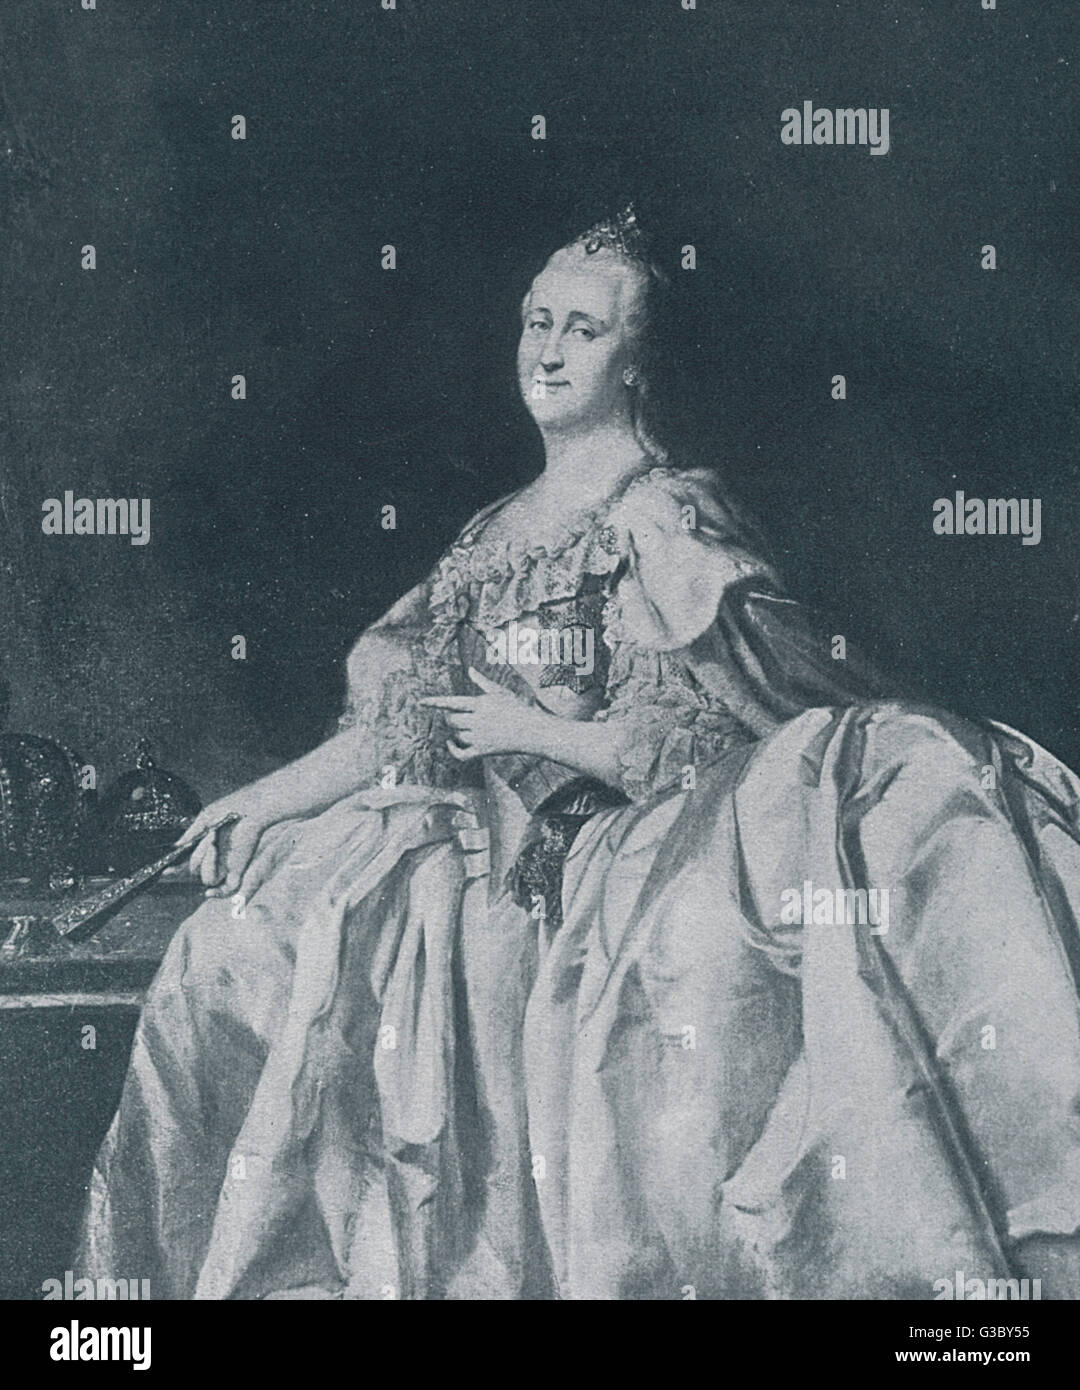 Yekaterina Alexeevna o Catalina II, también conocida como Catalina la Grande de Rusia (1729-1796, reinó 1762-1796). Fecha: SIGLO XVIII Foto de stock